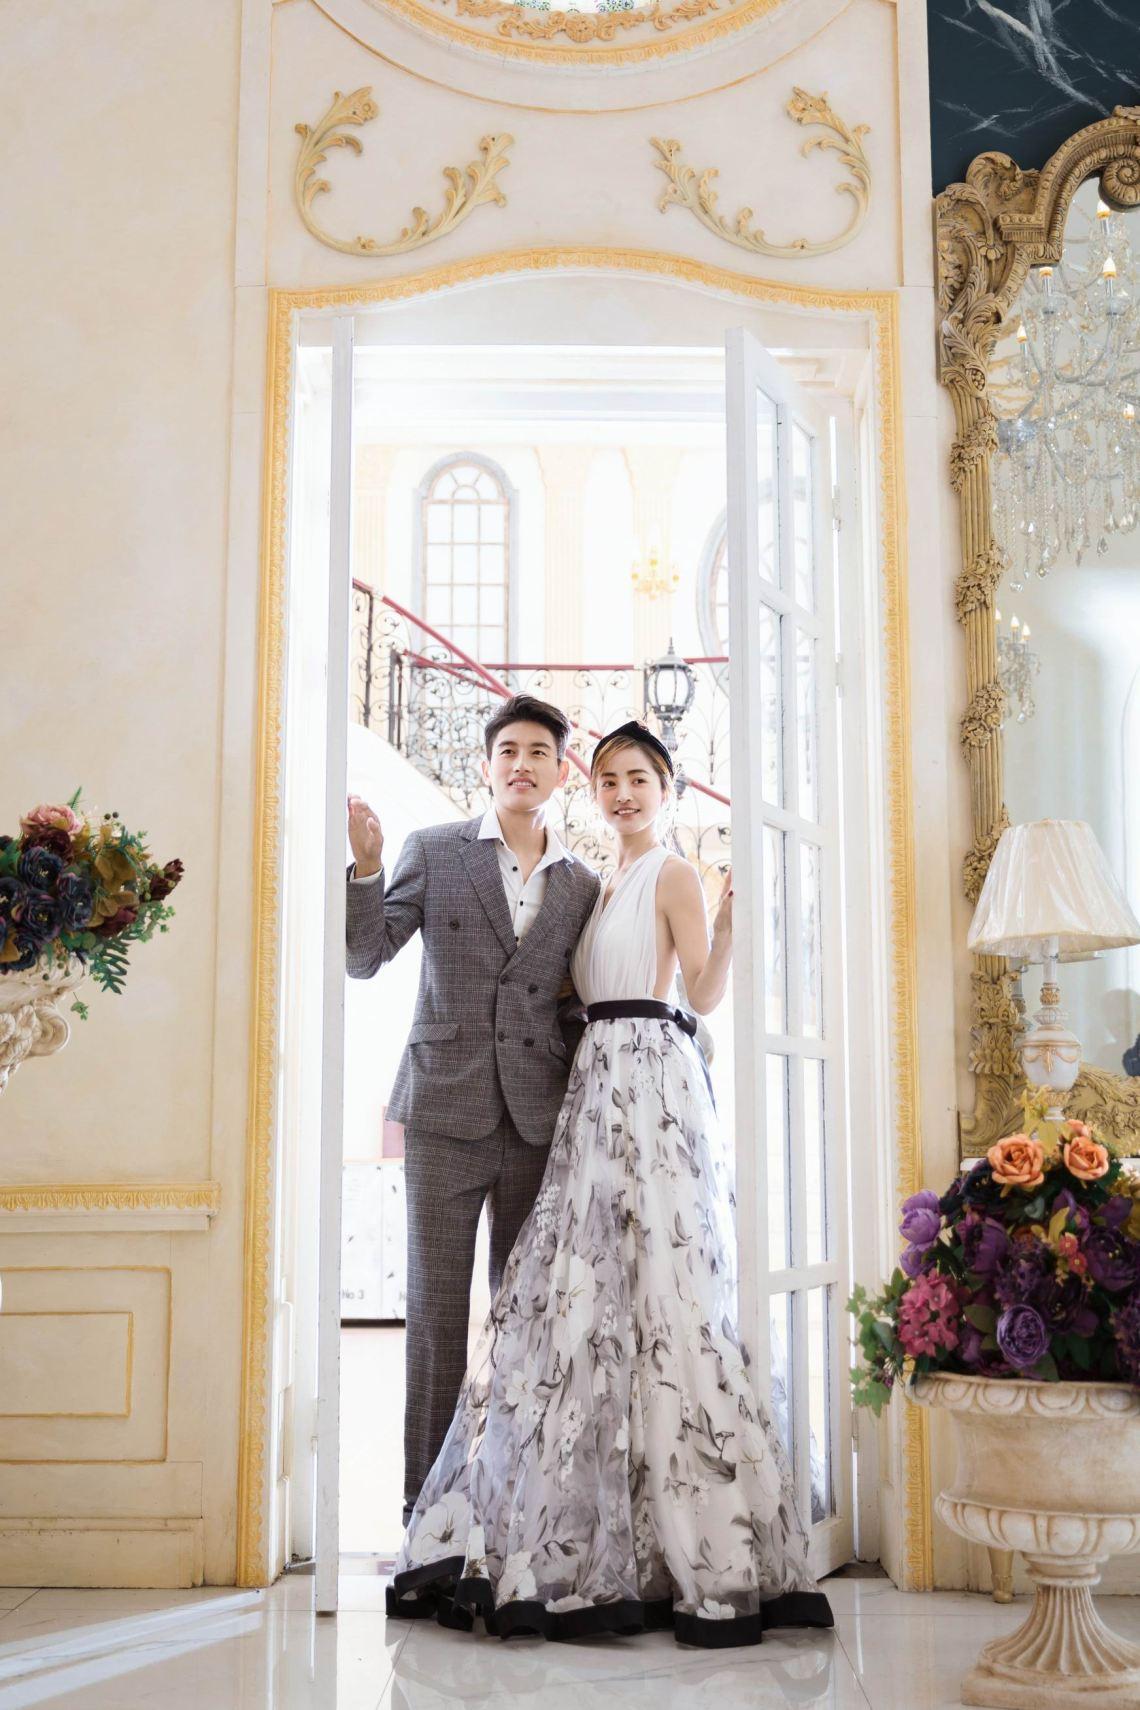 海外婚紗,日照拍婚紗,海外婚紗推薦,海外婚紗2020,a29